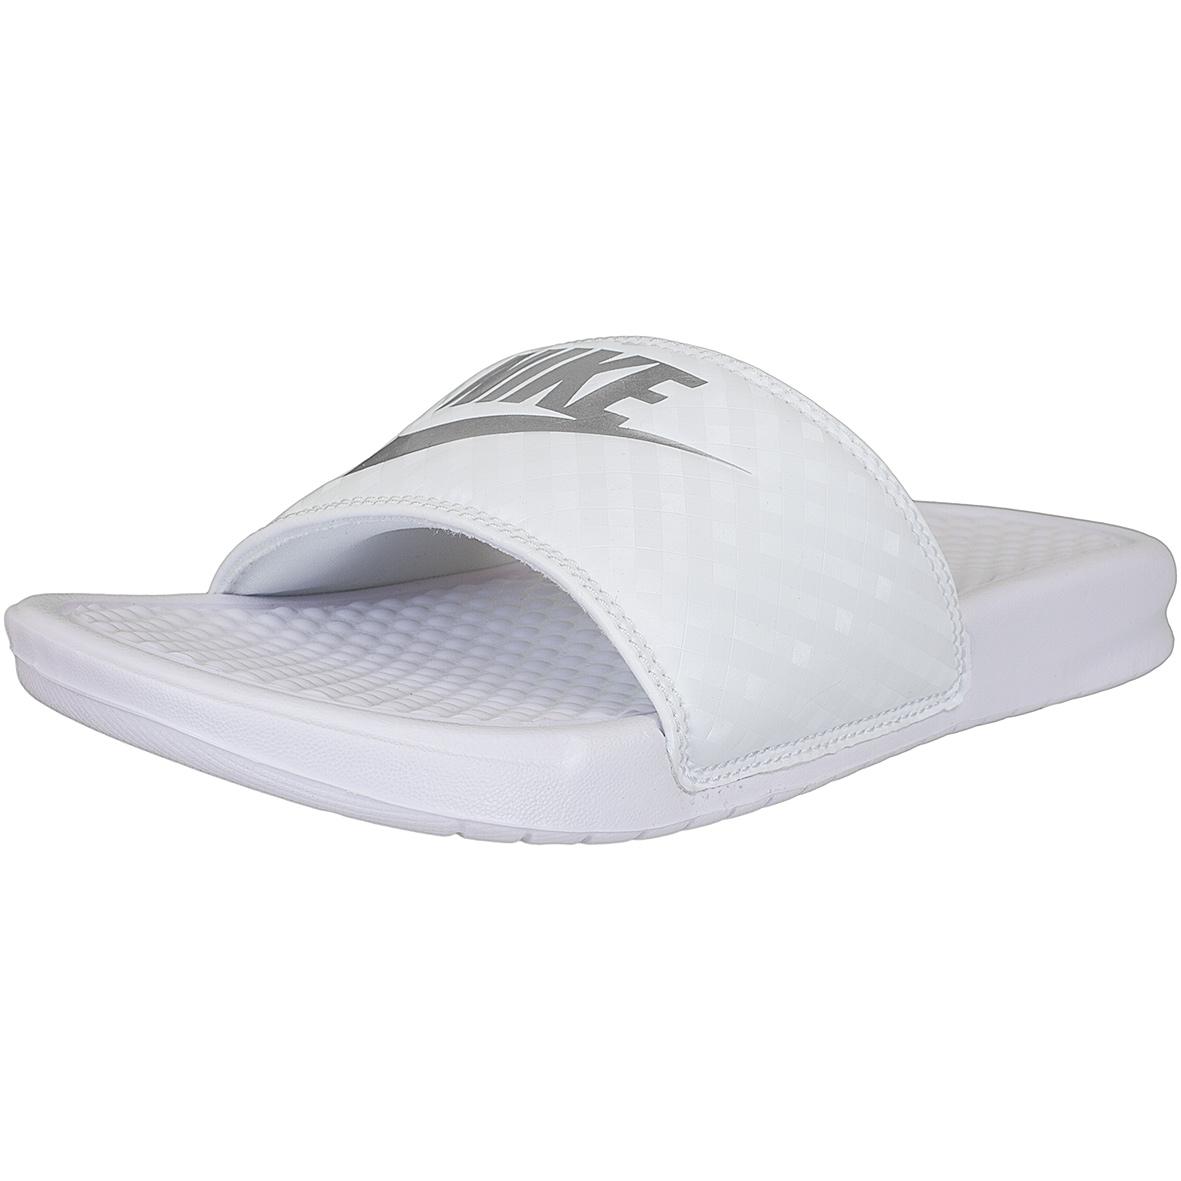 752384988fcb32 ☆ Nike Damen Badelatschen Benassi Just Do It weiß silber - hier ...